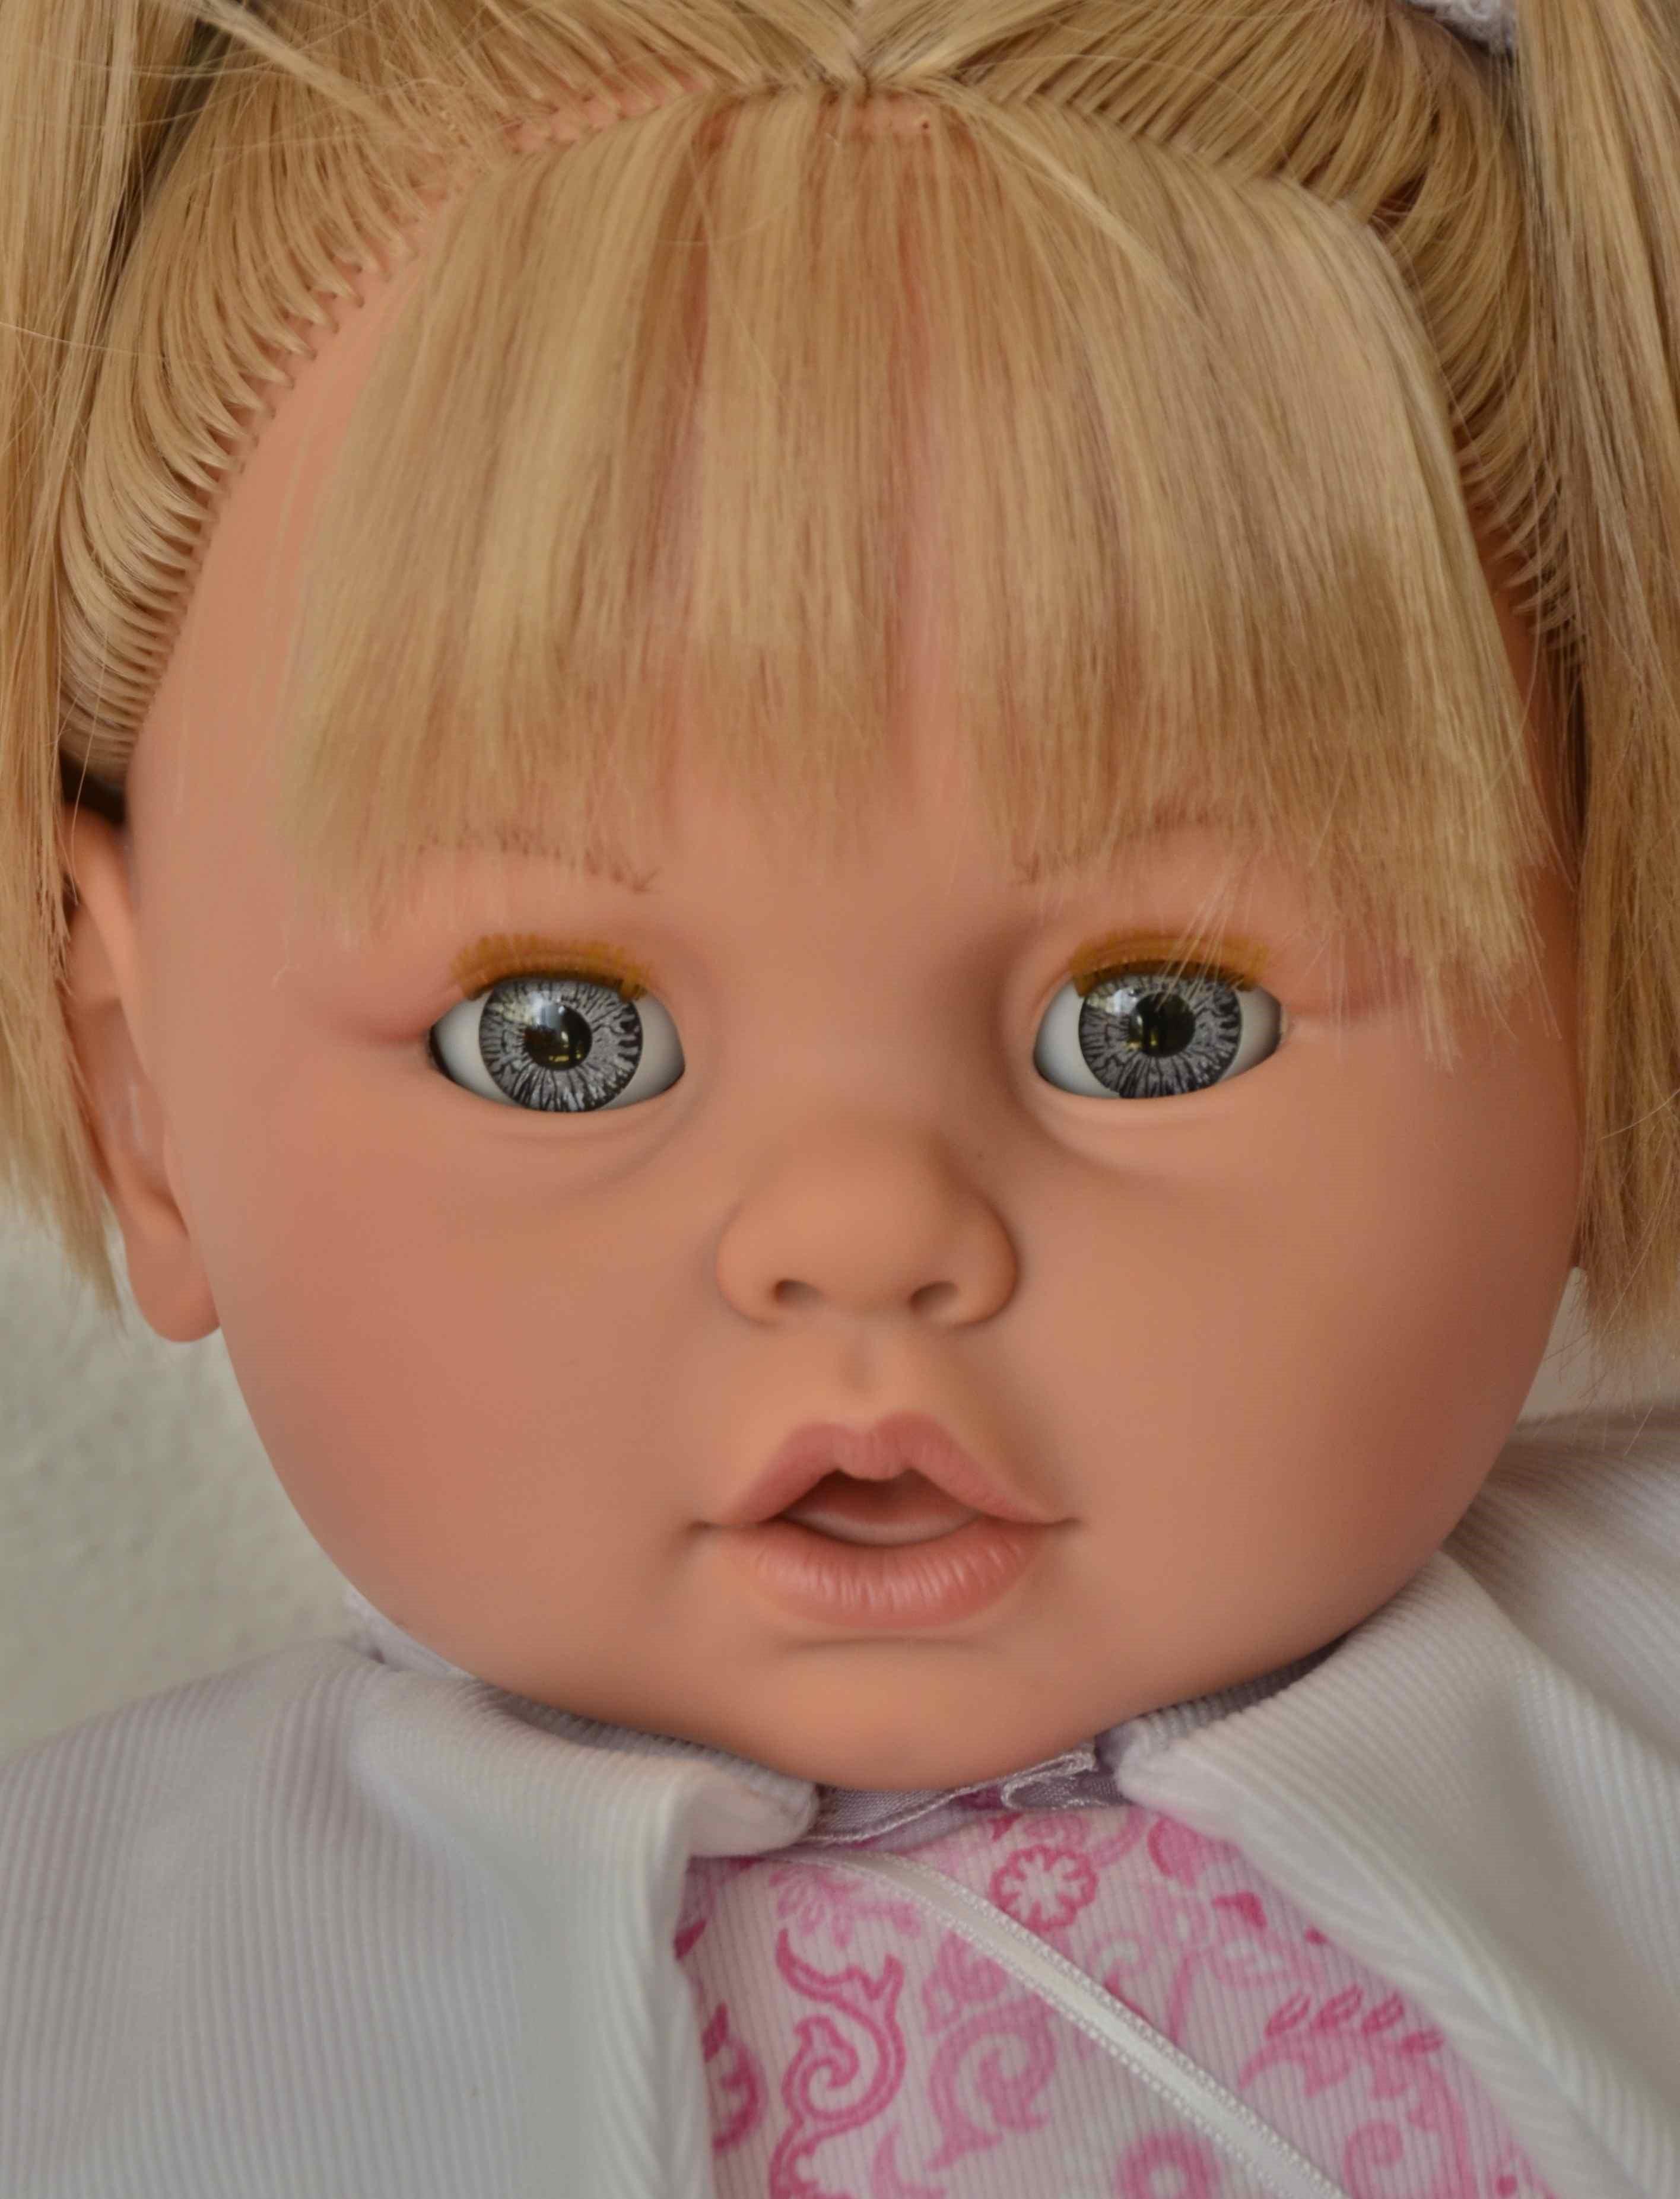 Bobo - Dolores od firmy Lamagik ze Španělska (španělská panenka - 65 cm)